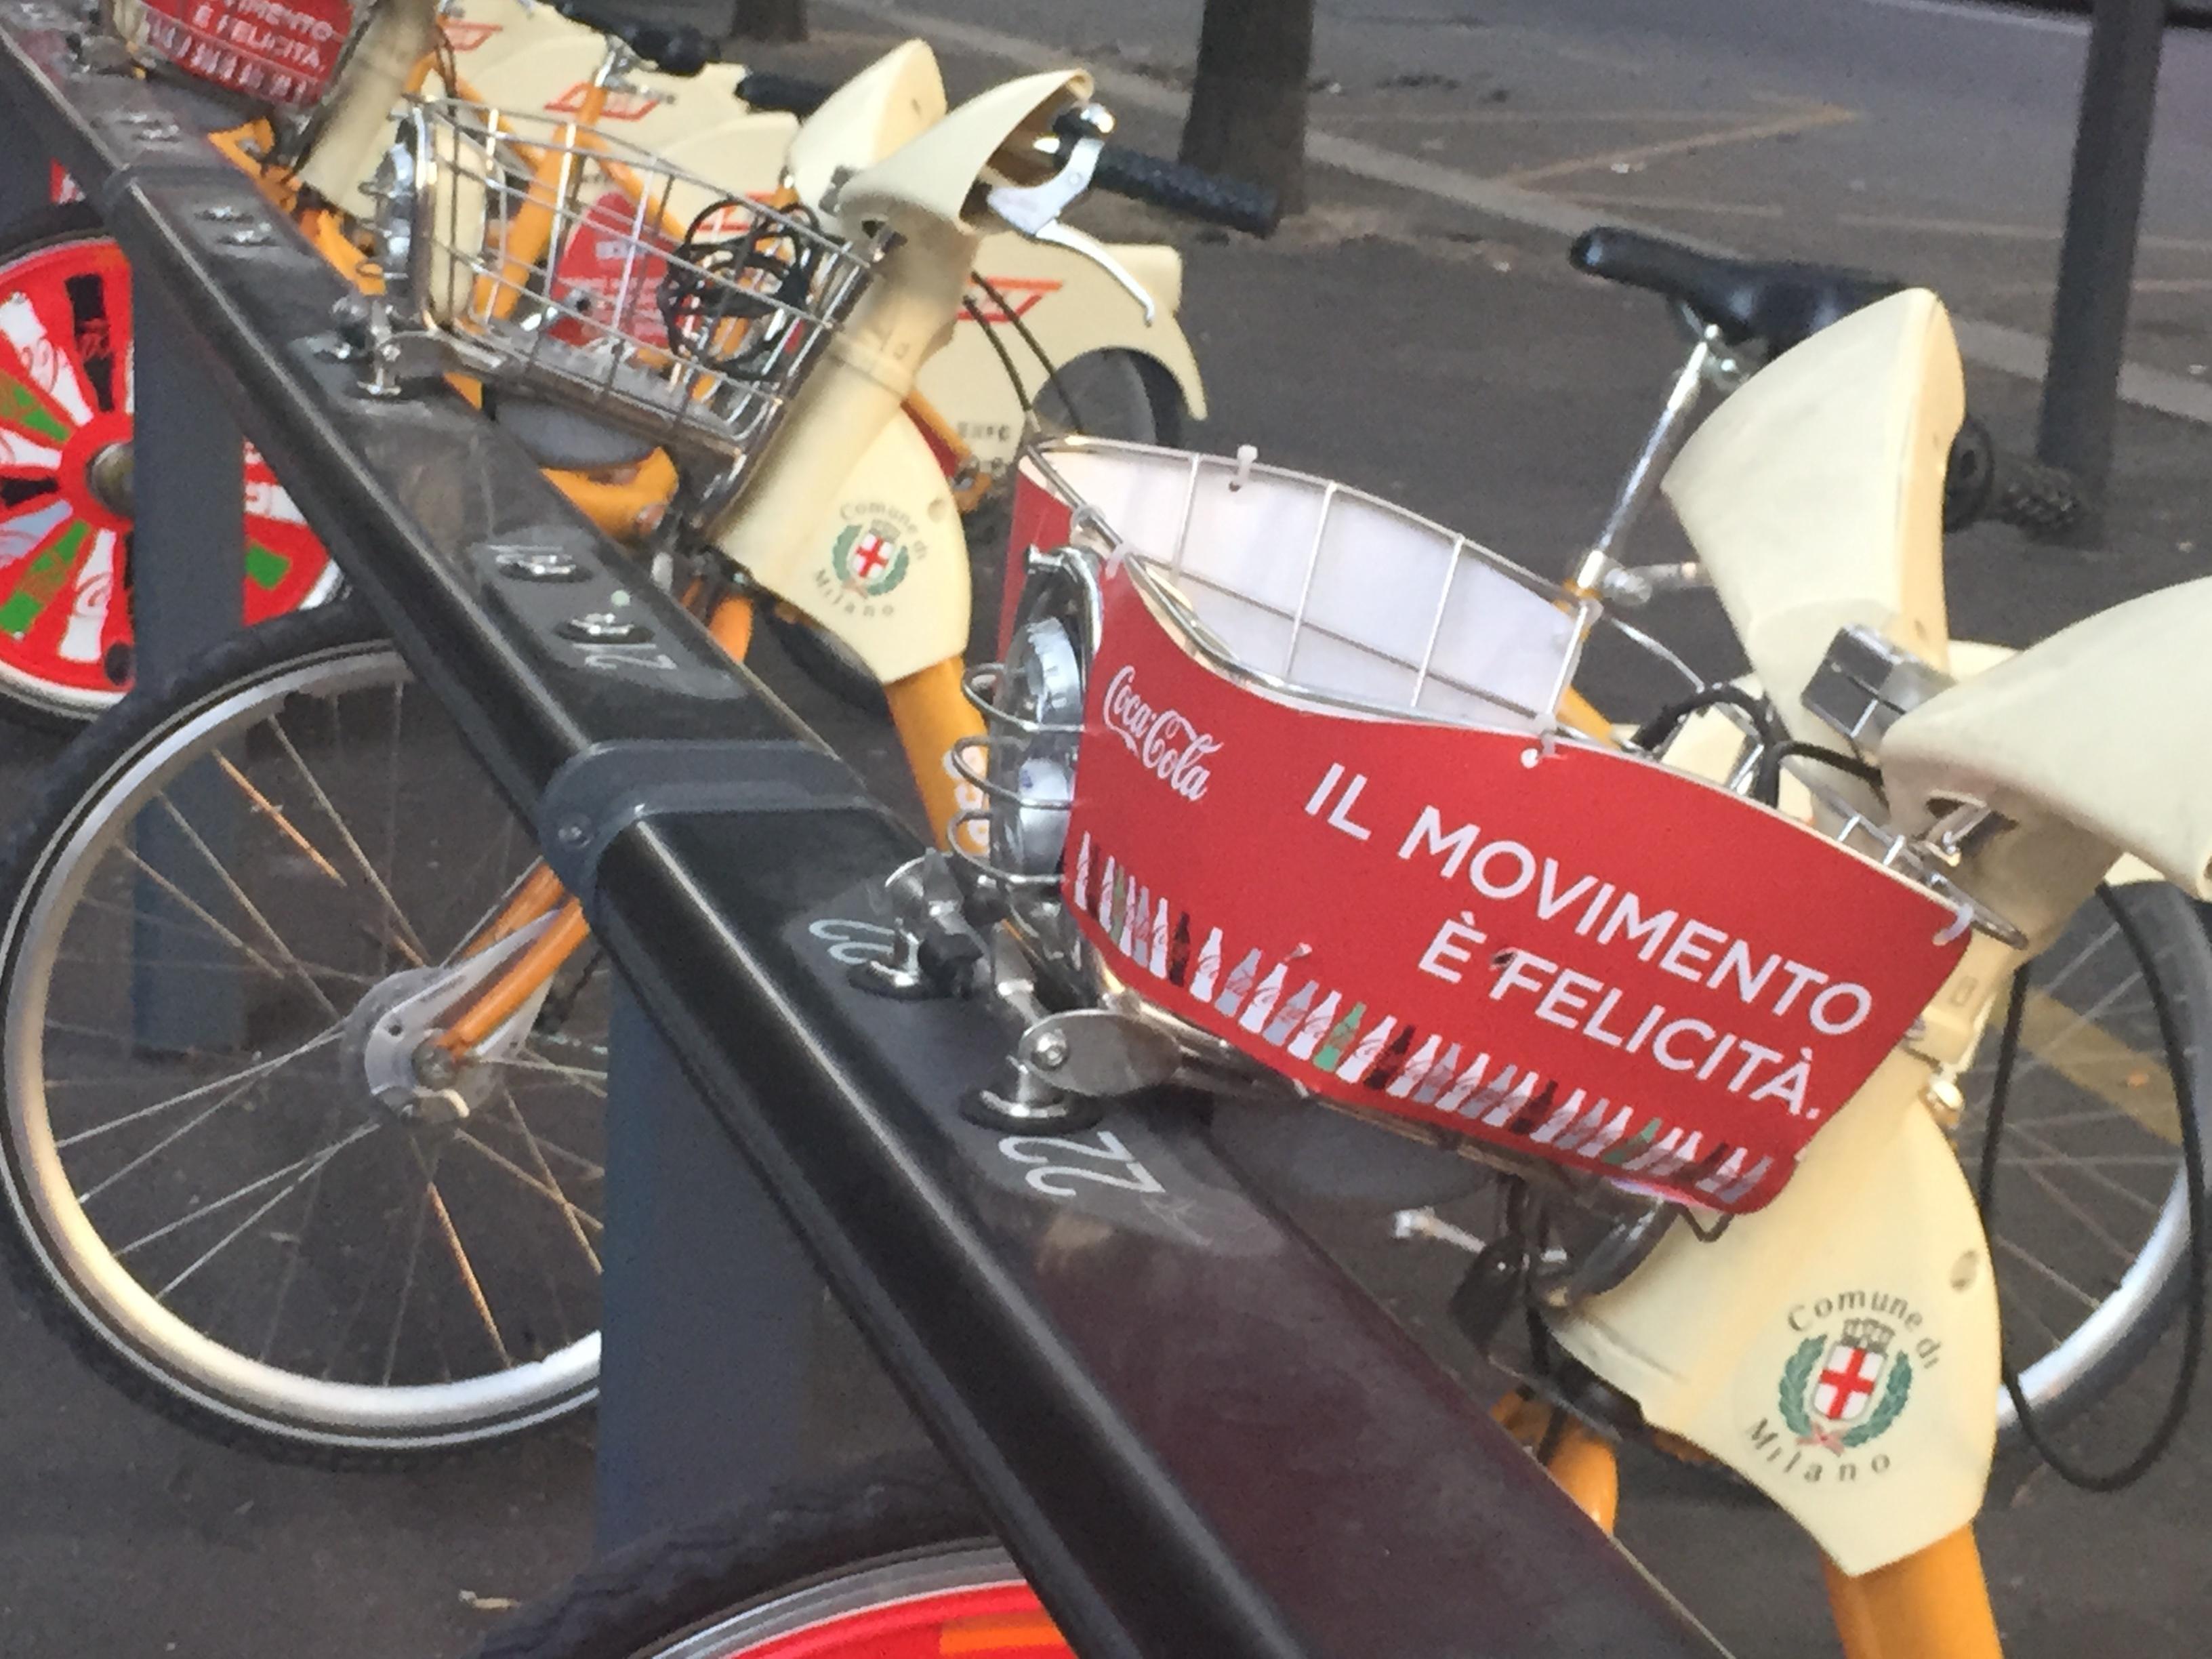 Image 3 : Le bonheur dans le mouvement : vélo, Milan, Coca Cola. Source : Jacques Lévy.